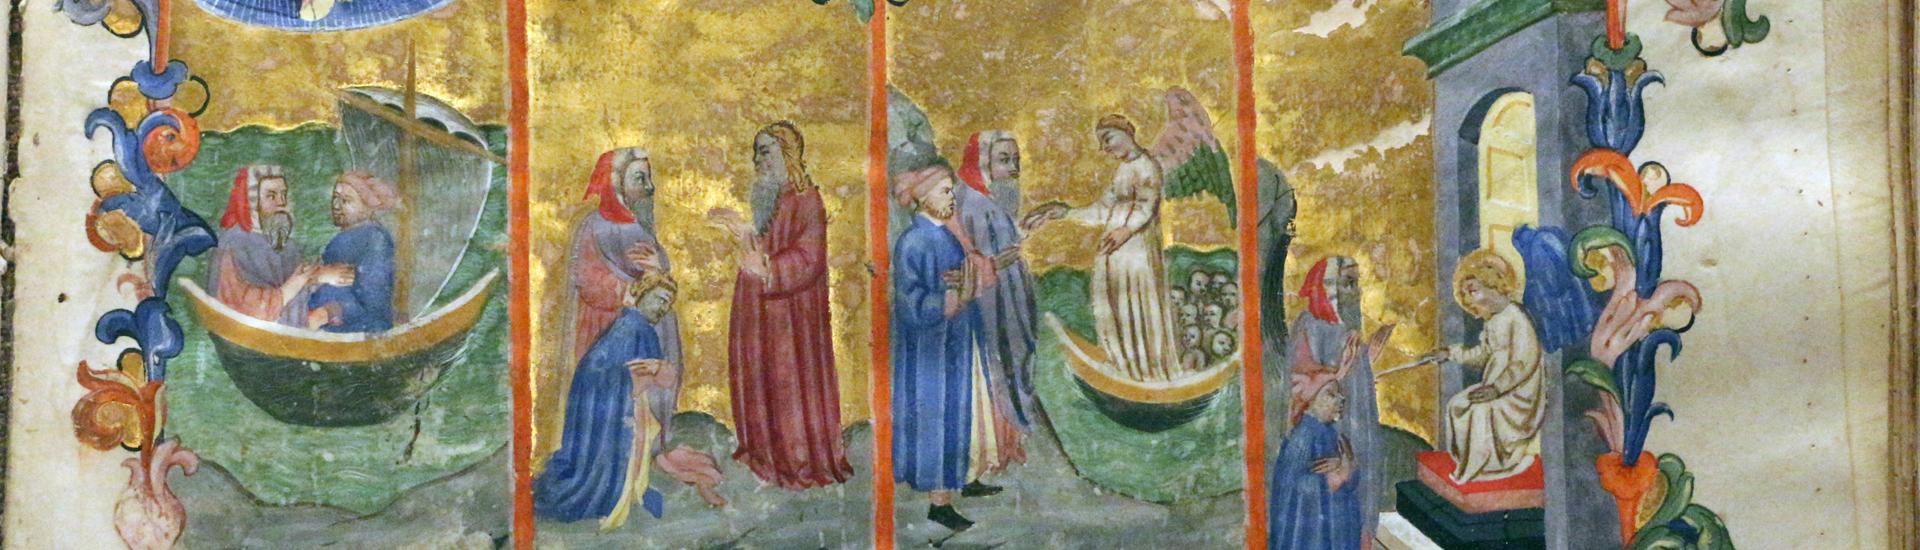 Firenze, commedia di dante, codice miniato da simone camaldolese e aiuti, purgatorio canto I, 1398, tempi 1, c. 32r, 02